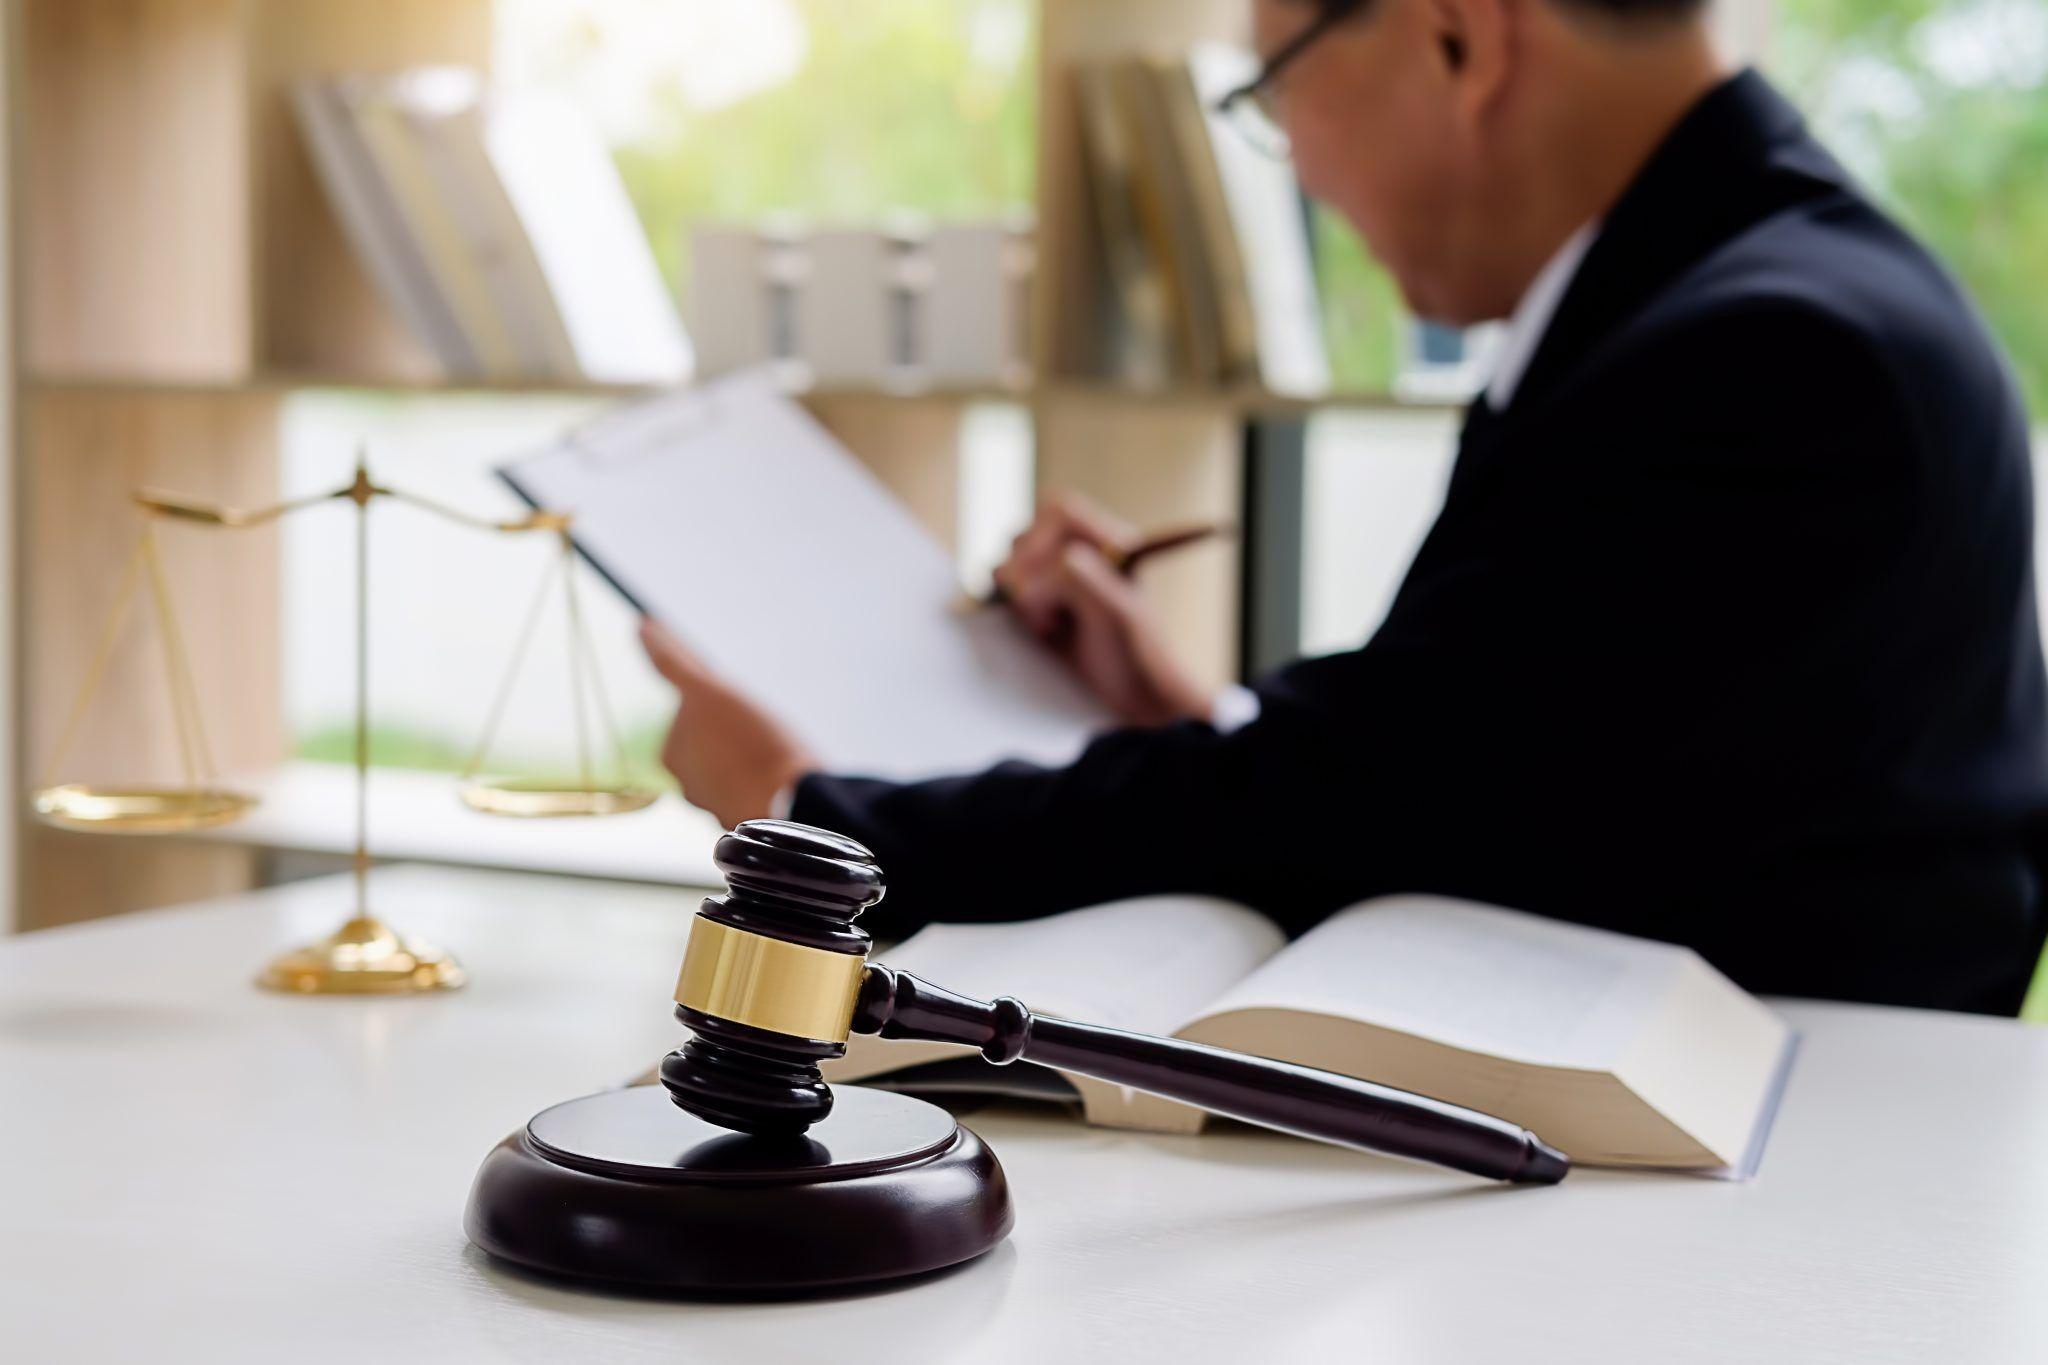 وکیل کلاهبرداری به چه شخصی اطلاق می شود؟